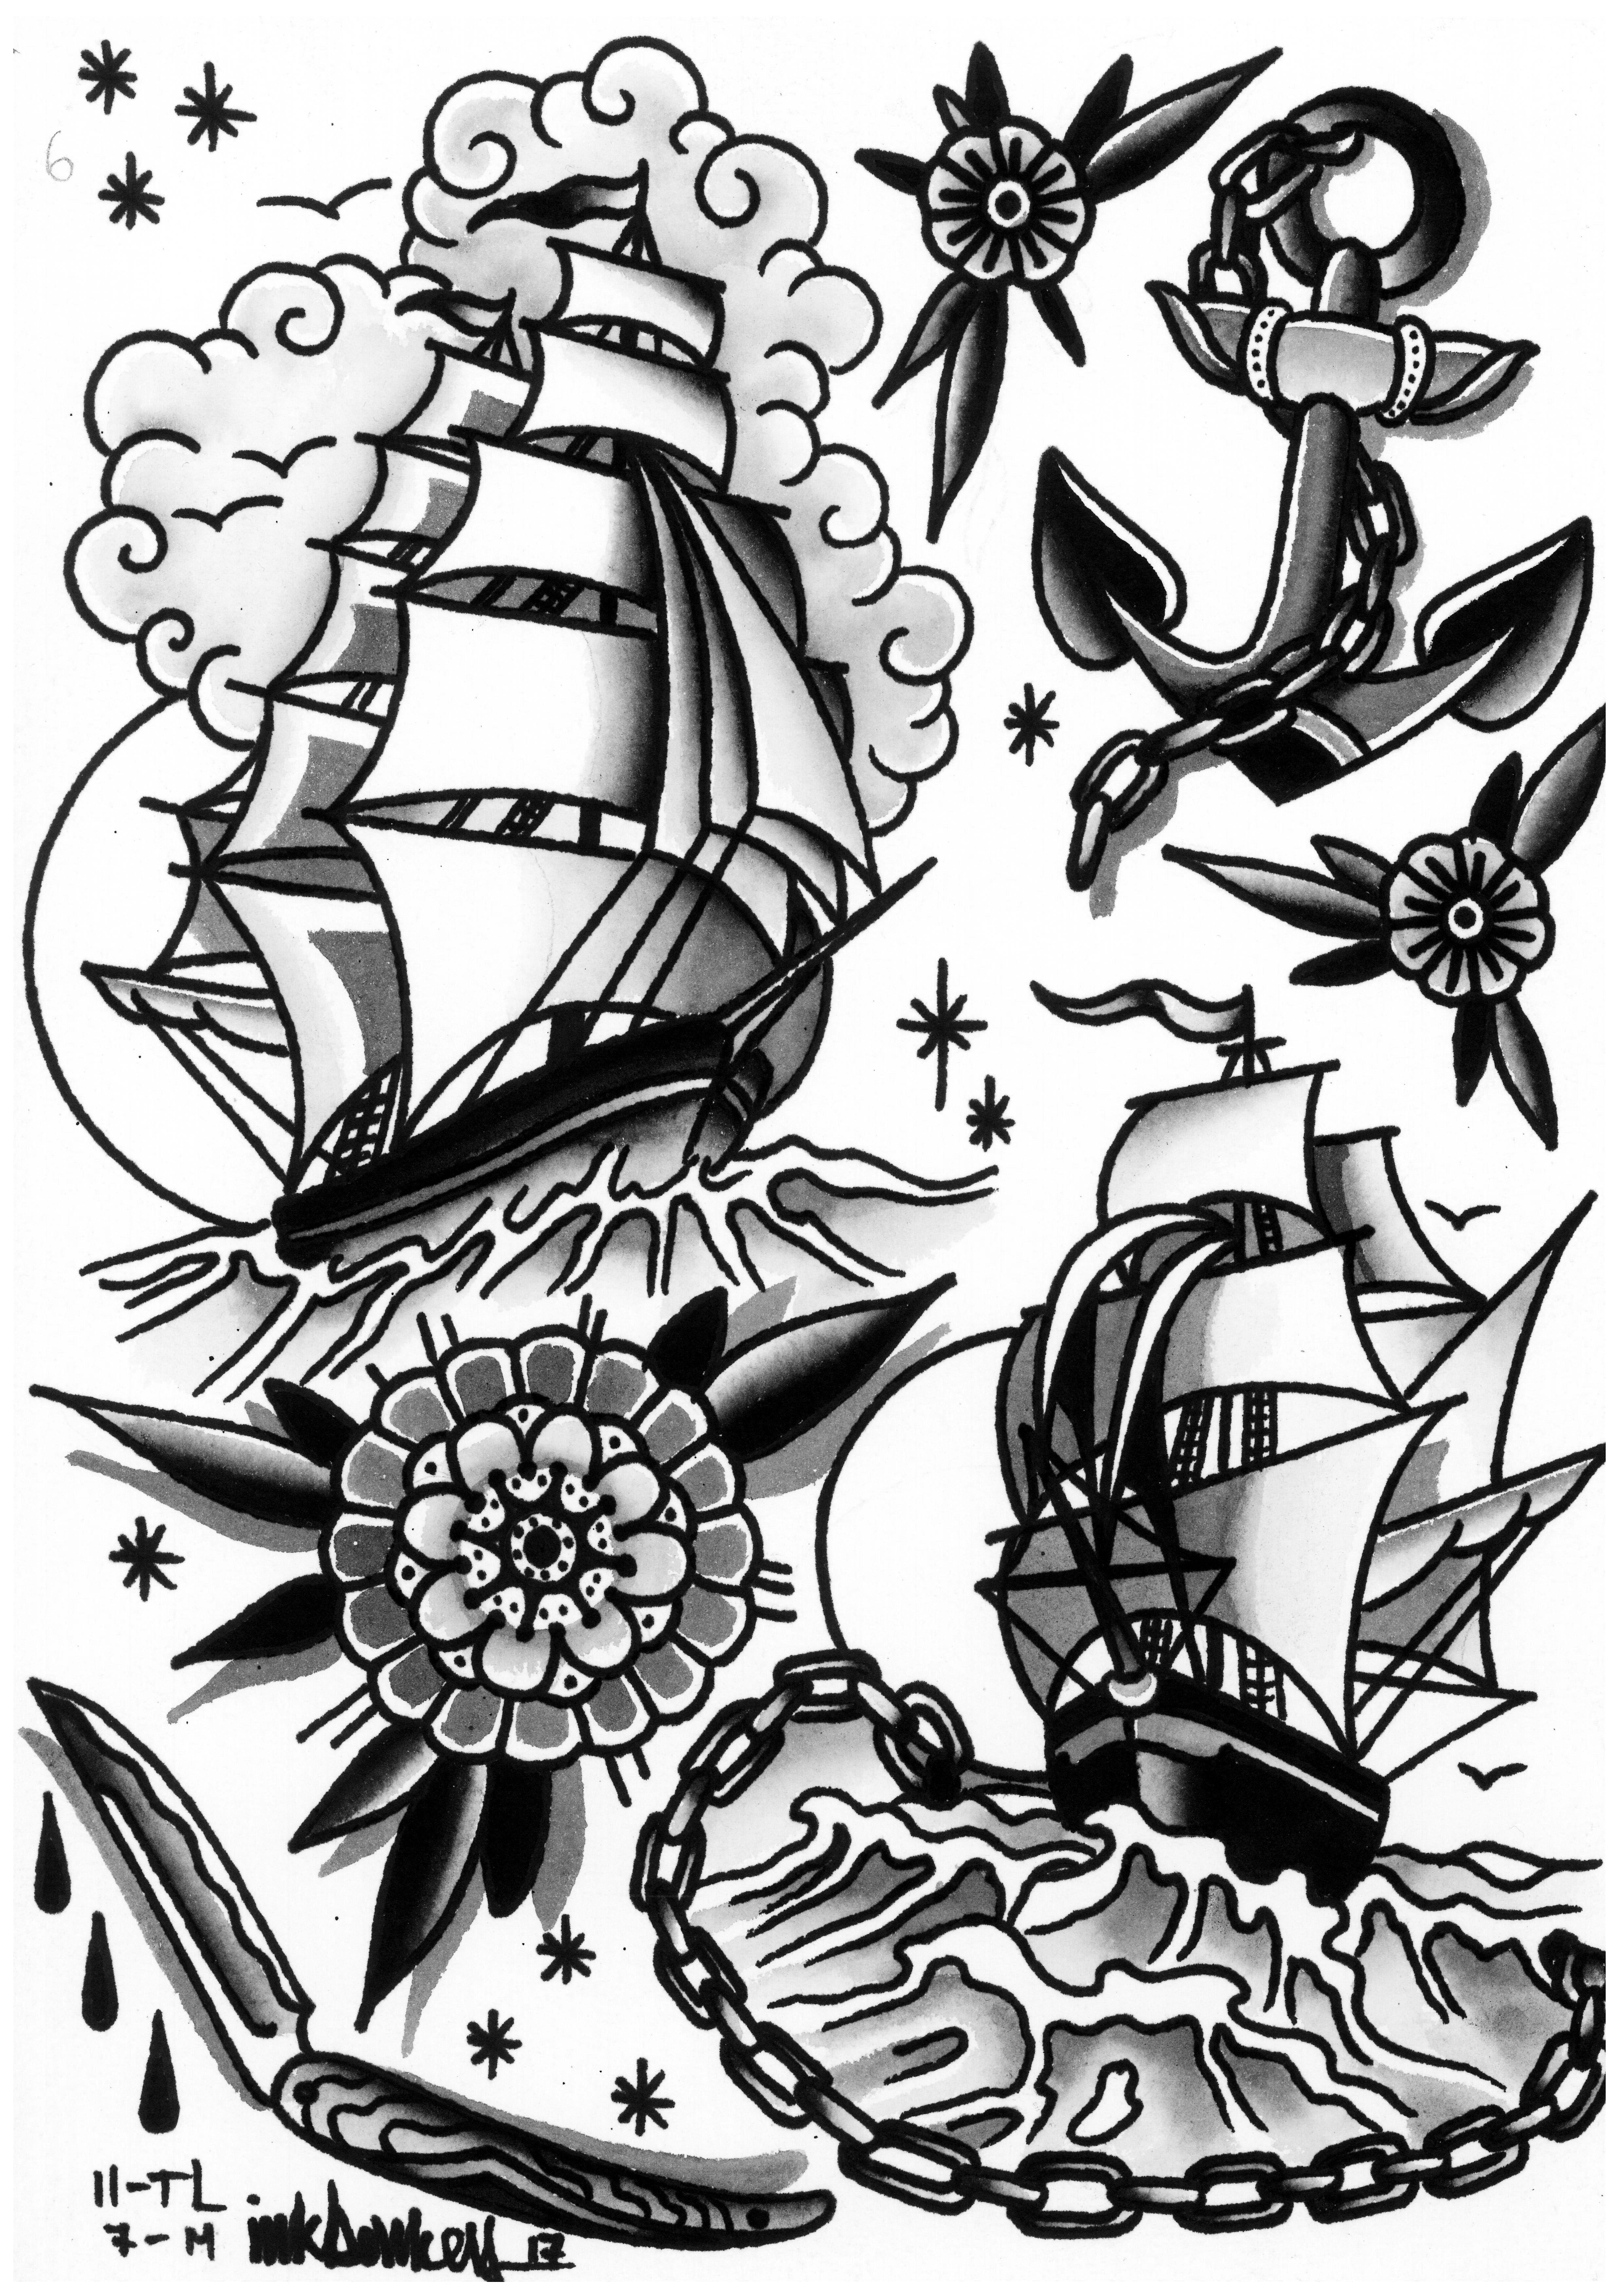 Tattoo Blackwork Traditional Artists Tattoo Tattoos Art Ink Inked Tatto Old School Tattoo Designs Traditional Ship Tattoo Traditional Tattoo Old School